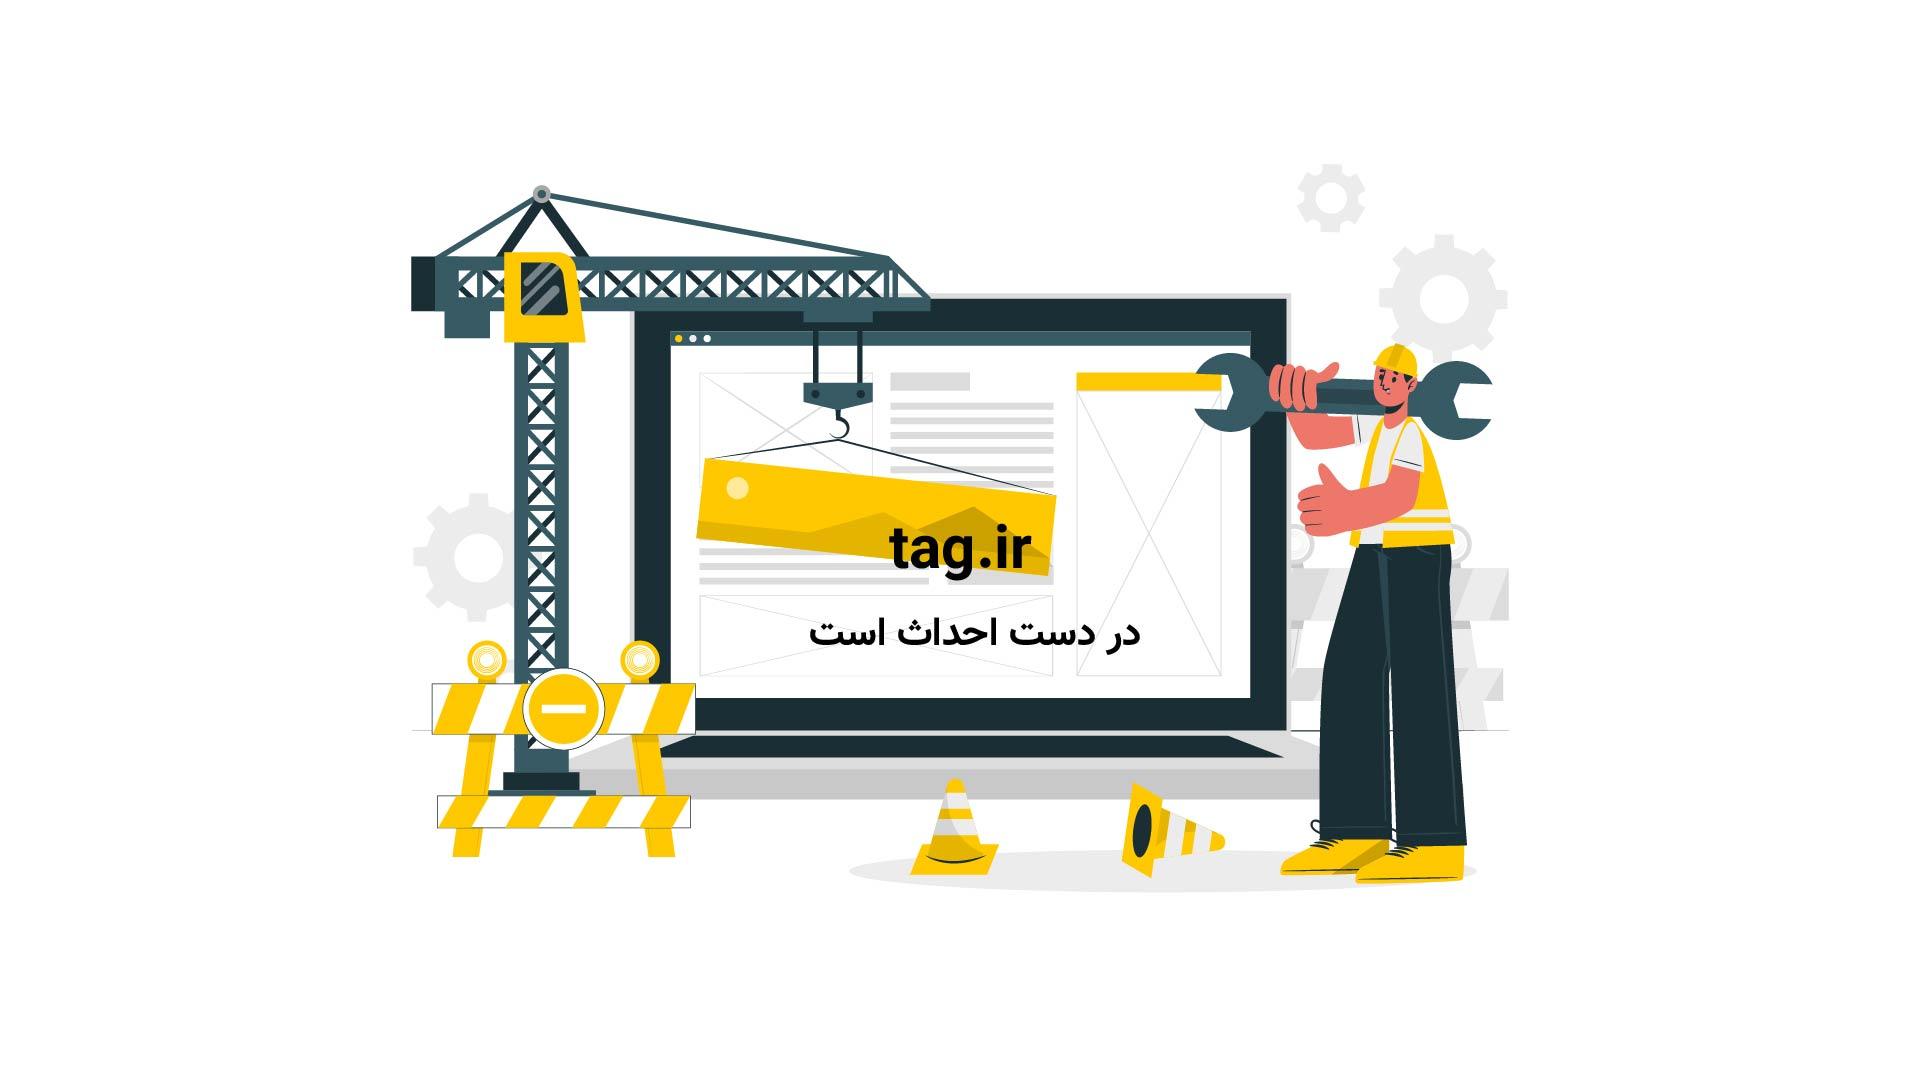 سخنرانی های تد؛ دانشی عجیب درباره روده |فیلم